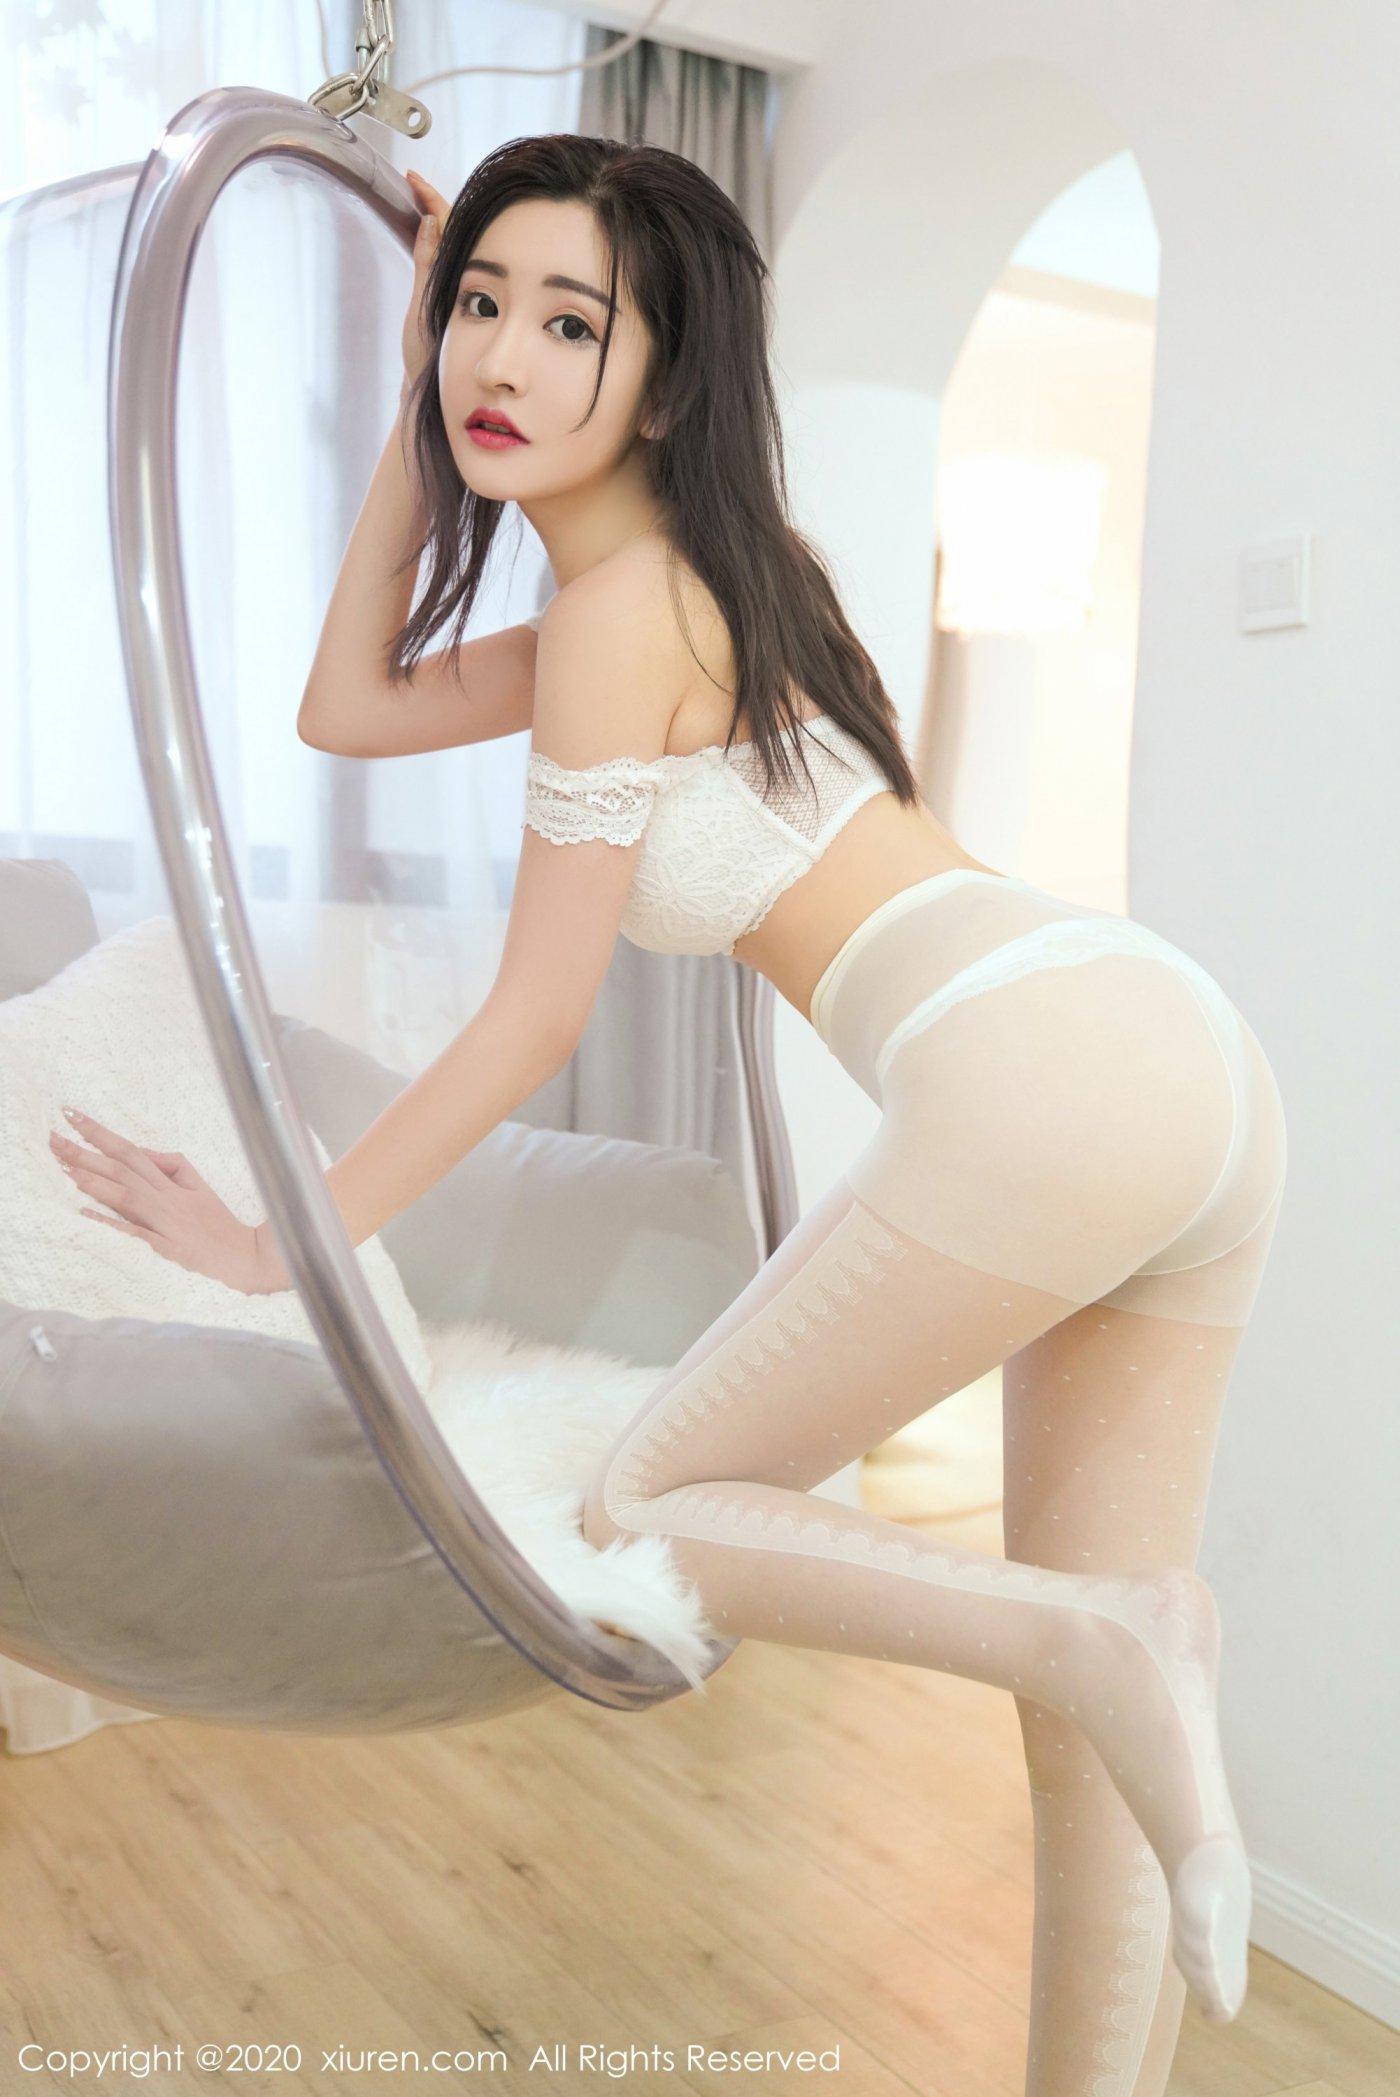 沈梦瑶(Vol. 2233) 性感mm-第2张